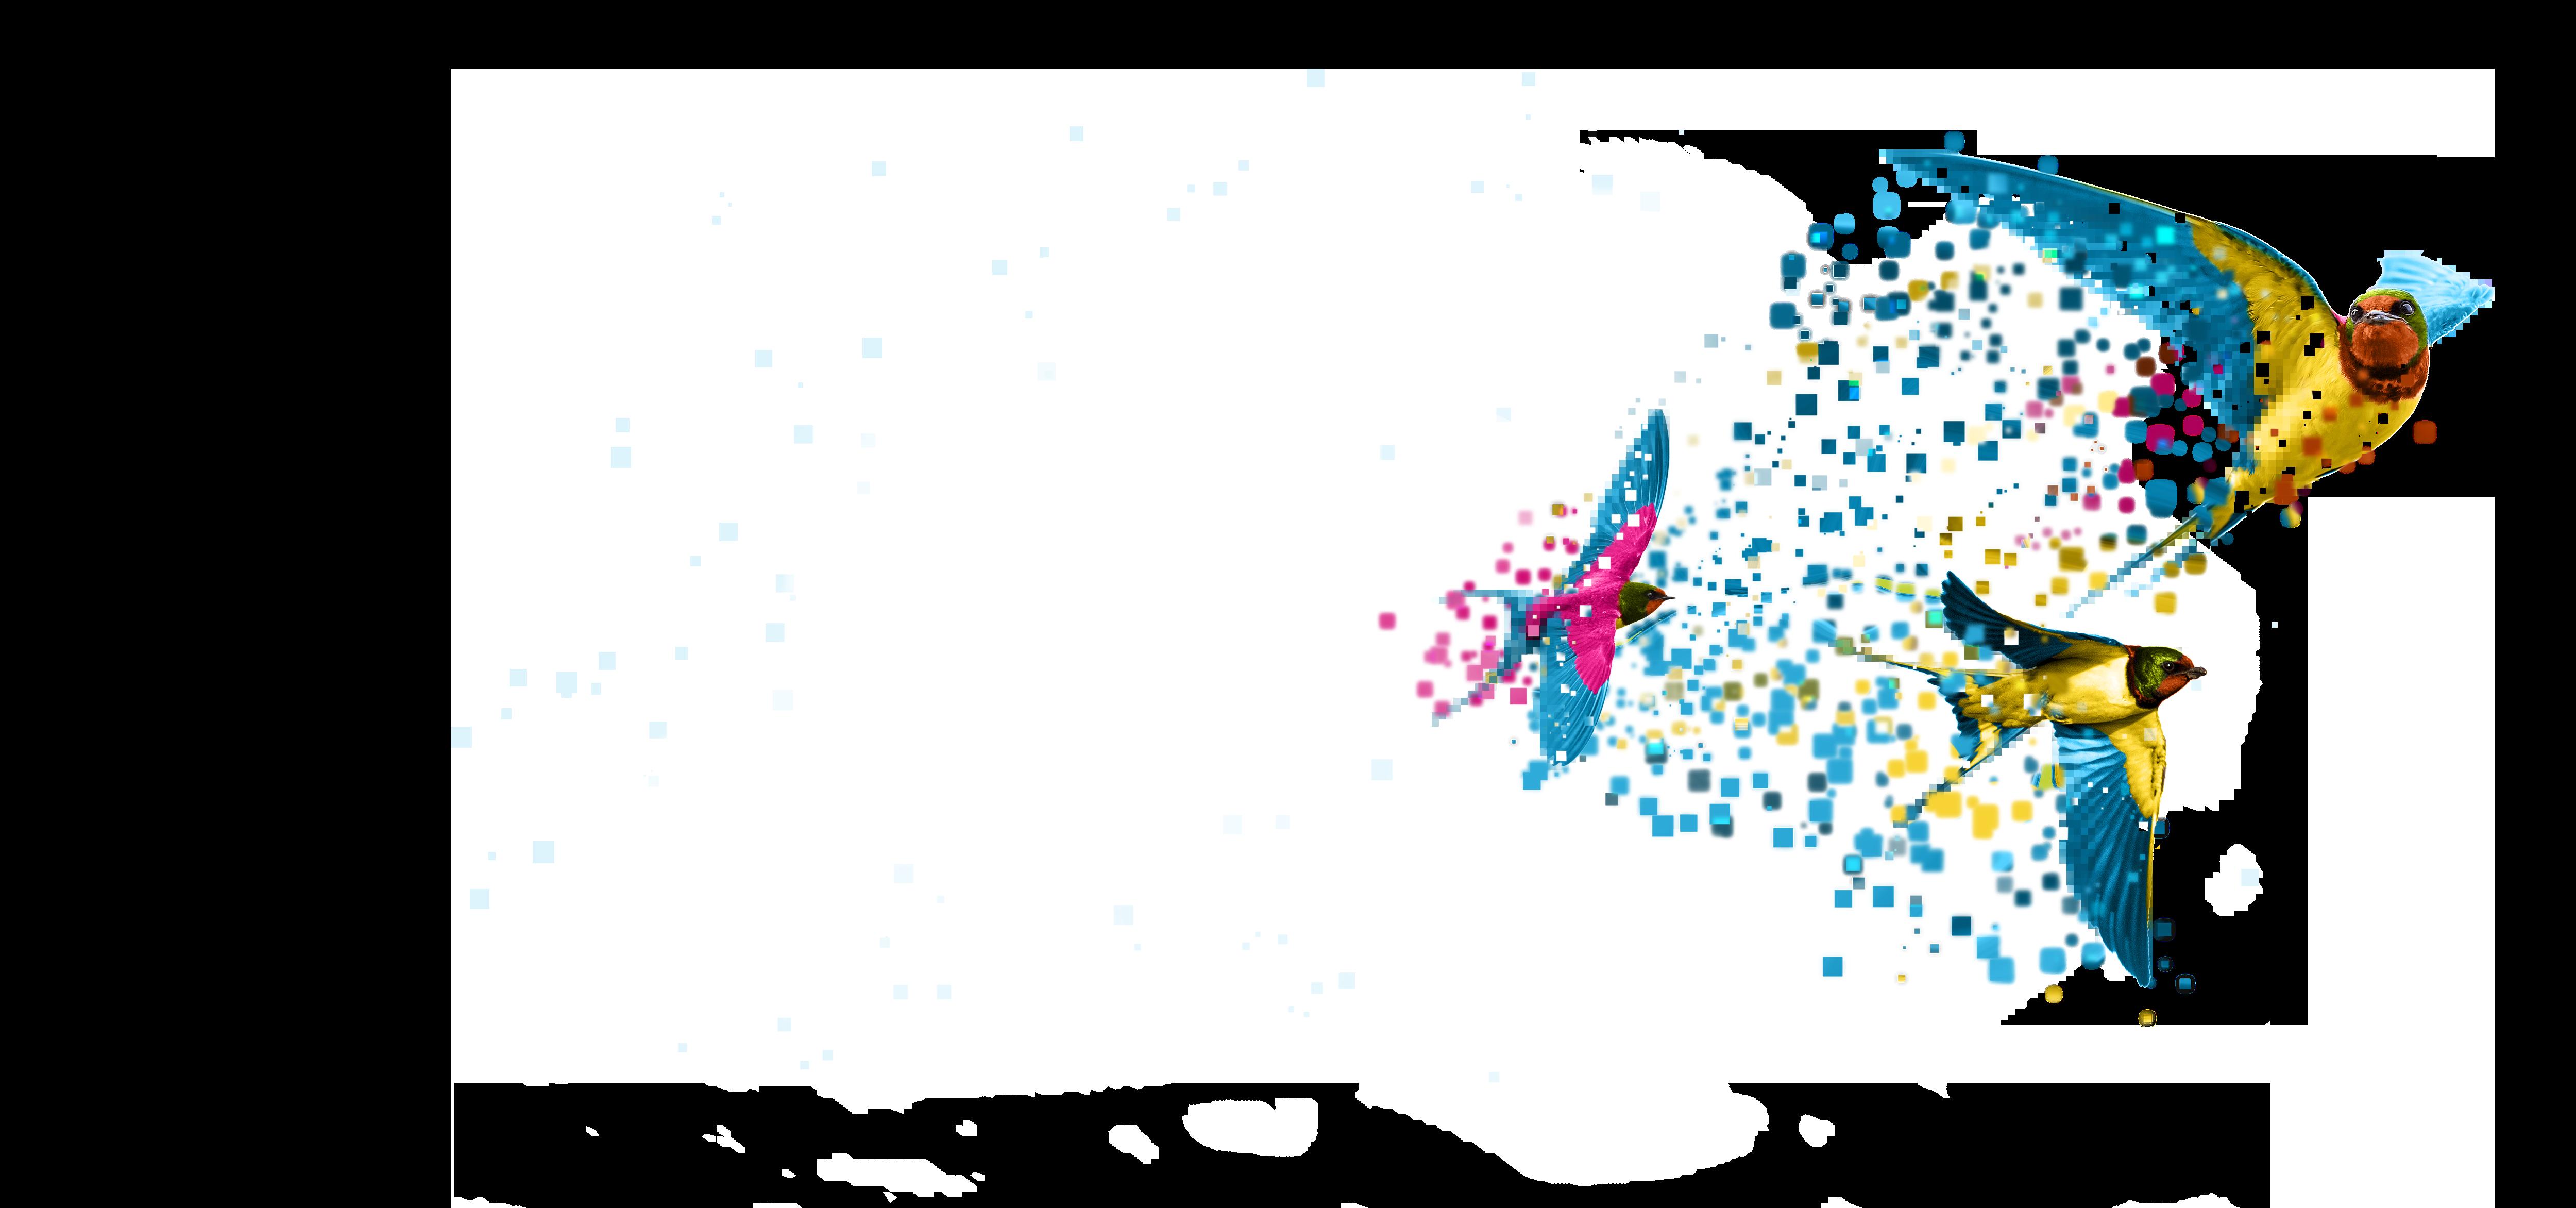 Birds Padlock - Data Migration - Transparent